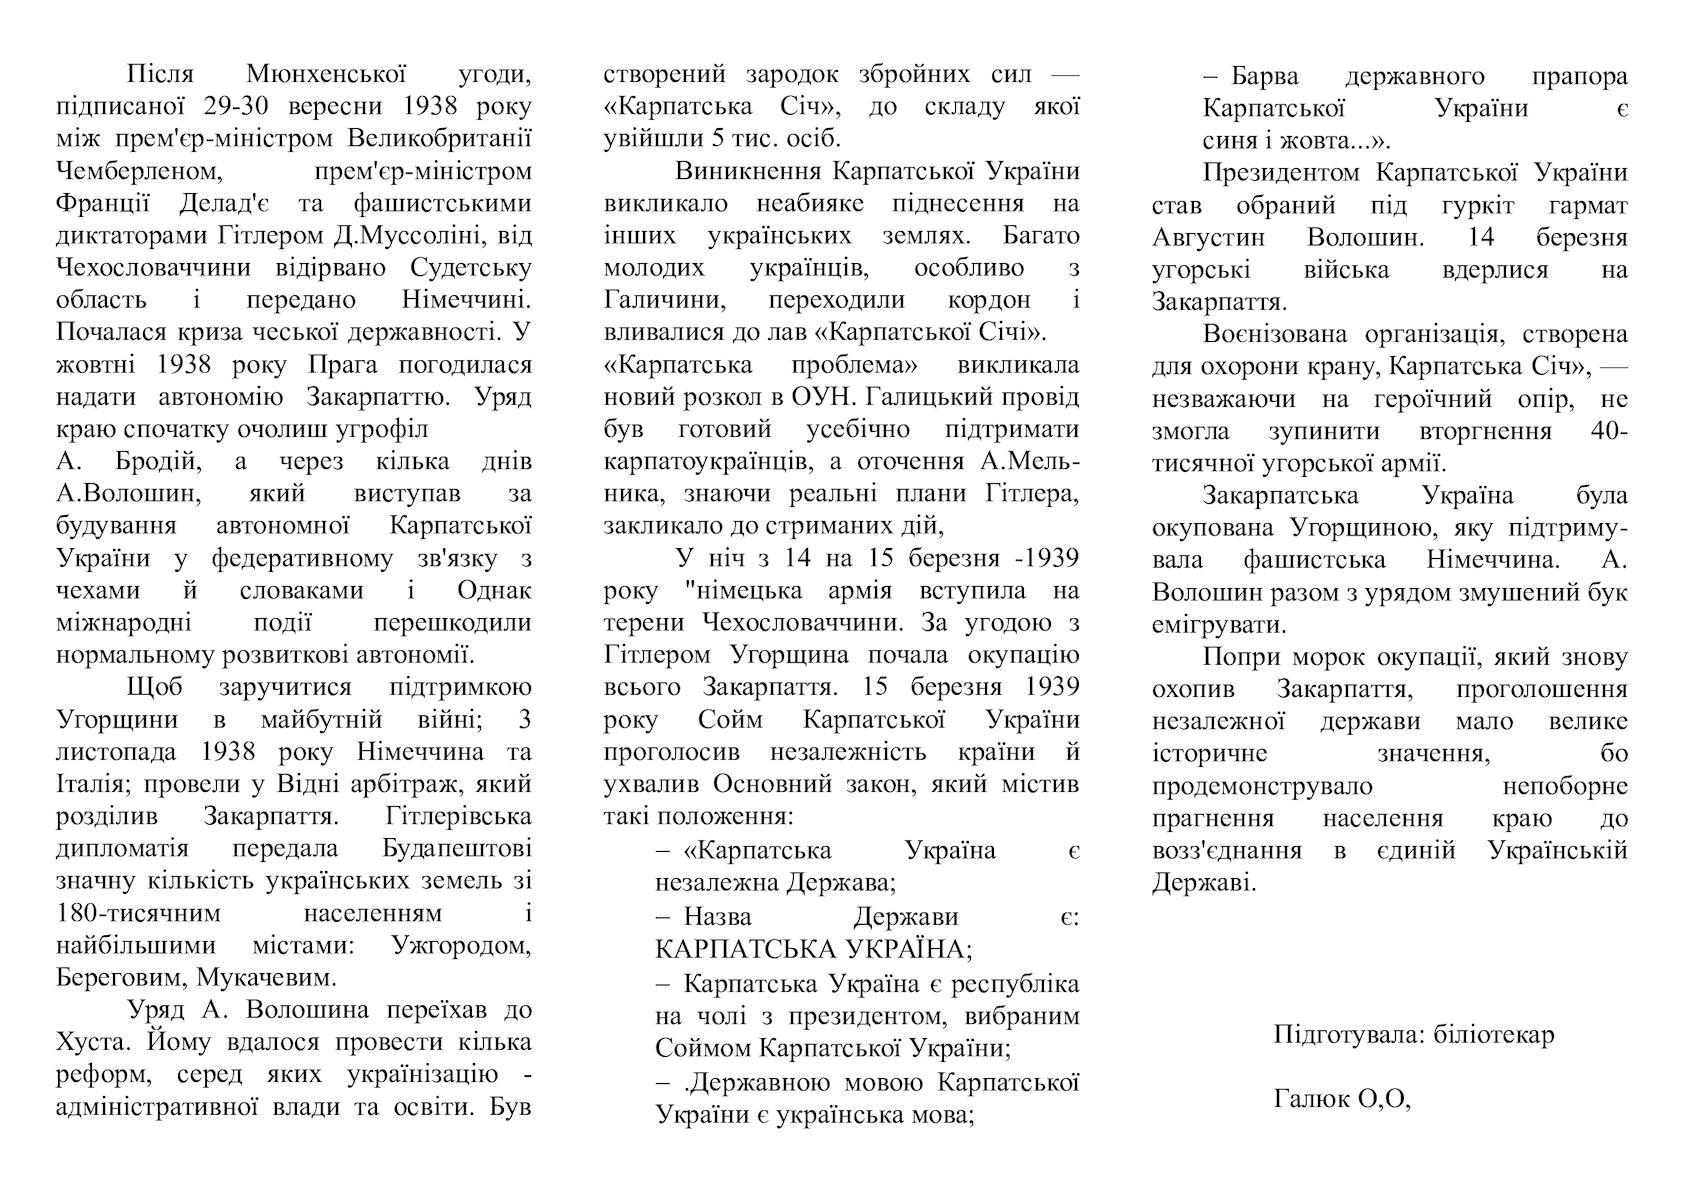 Calaméo - 3 Рекомендаційнинй списки літератури 6b3c3309ad022